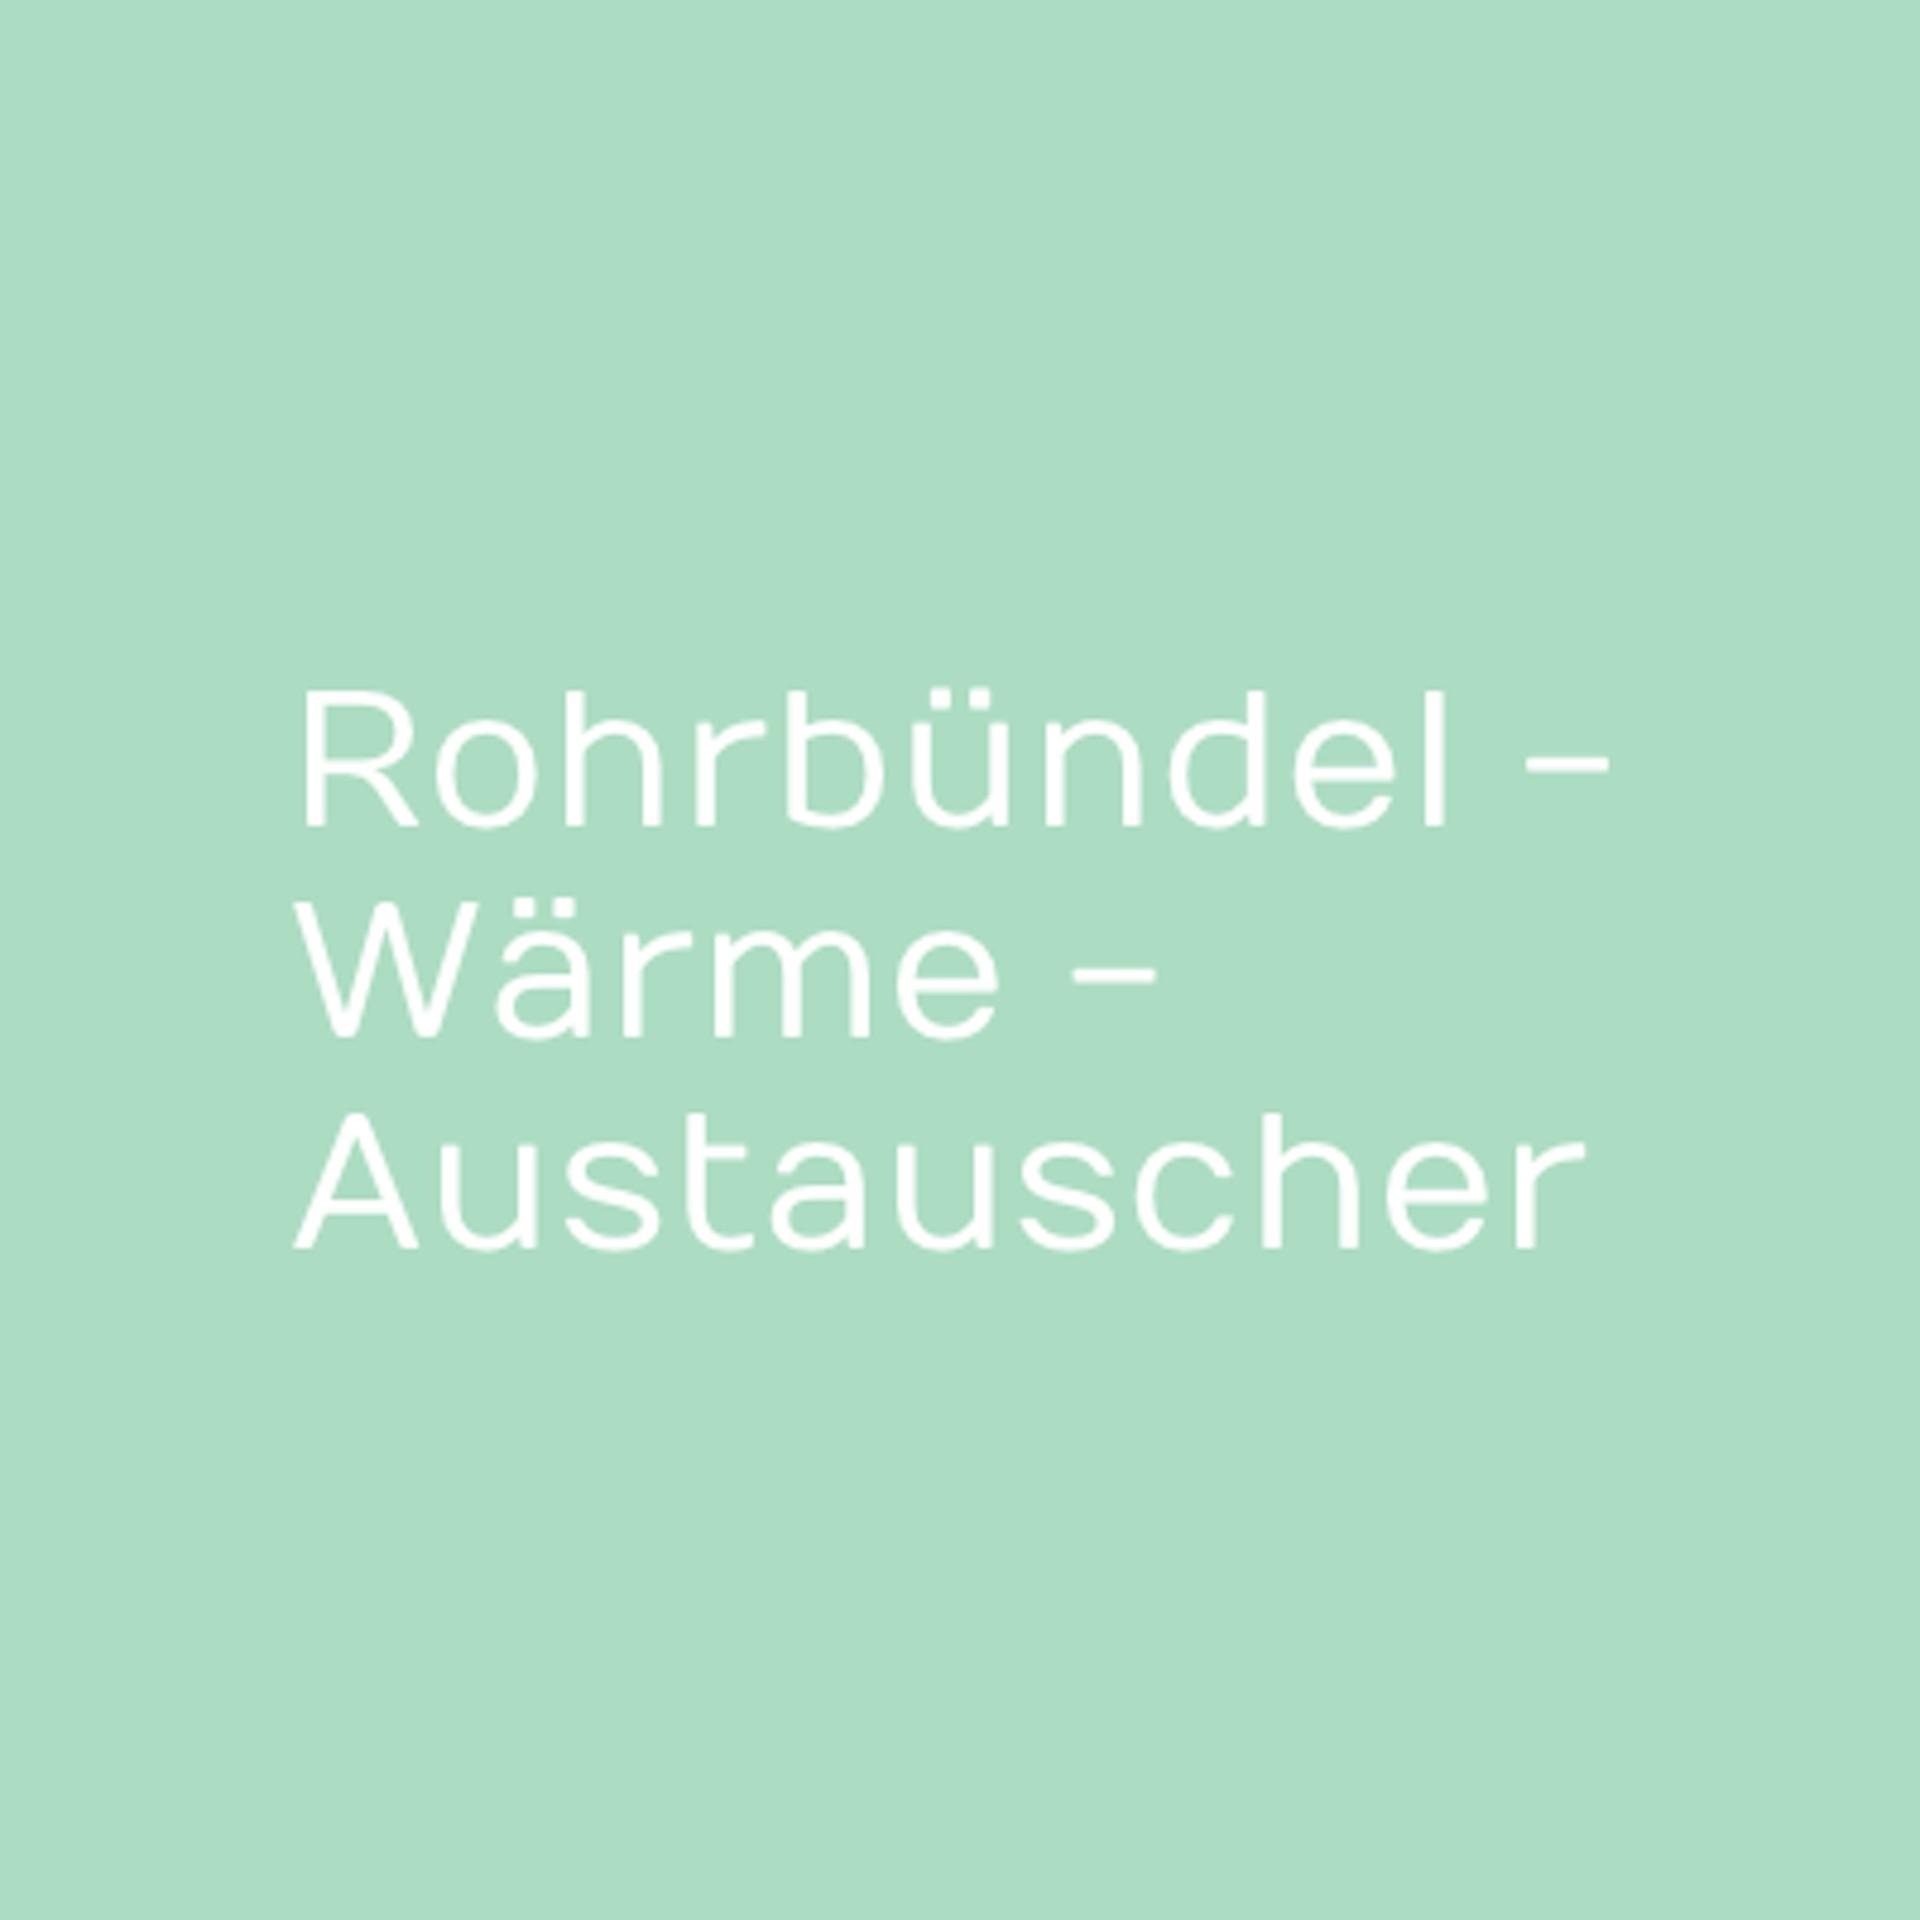 GWA_Rohrbuendel_Waerme_Austauscher_Gesellschaft_fuer_Waerme_und_Anlagentechnik_mbH_monochrom